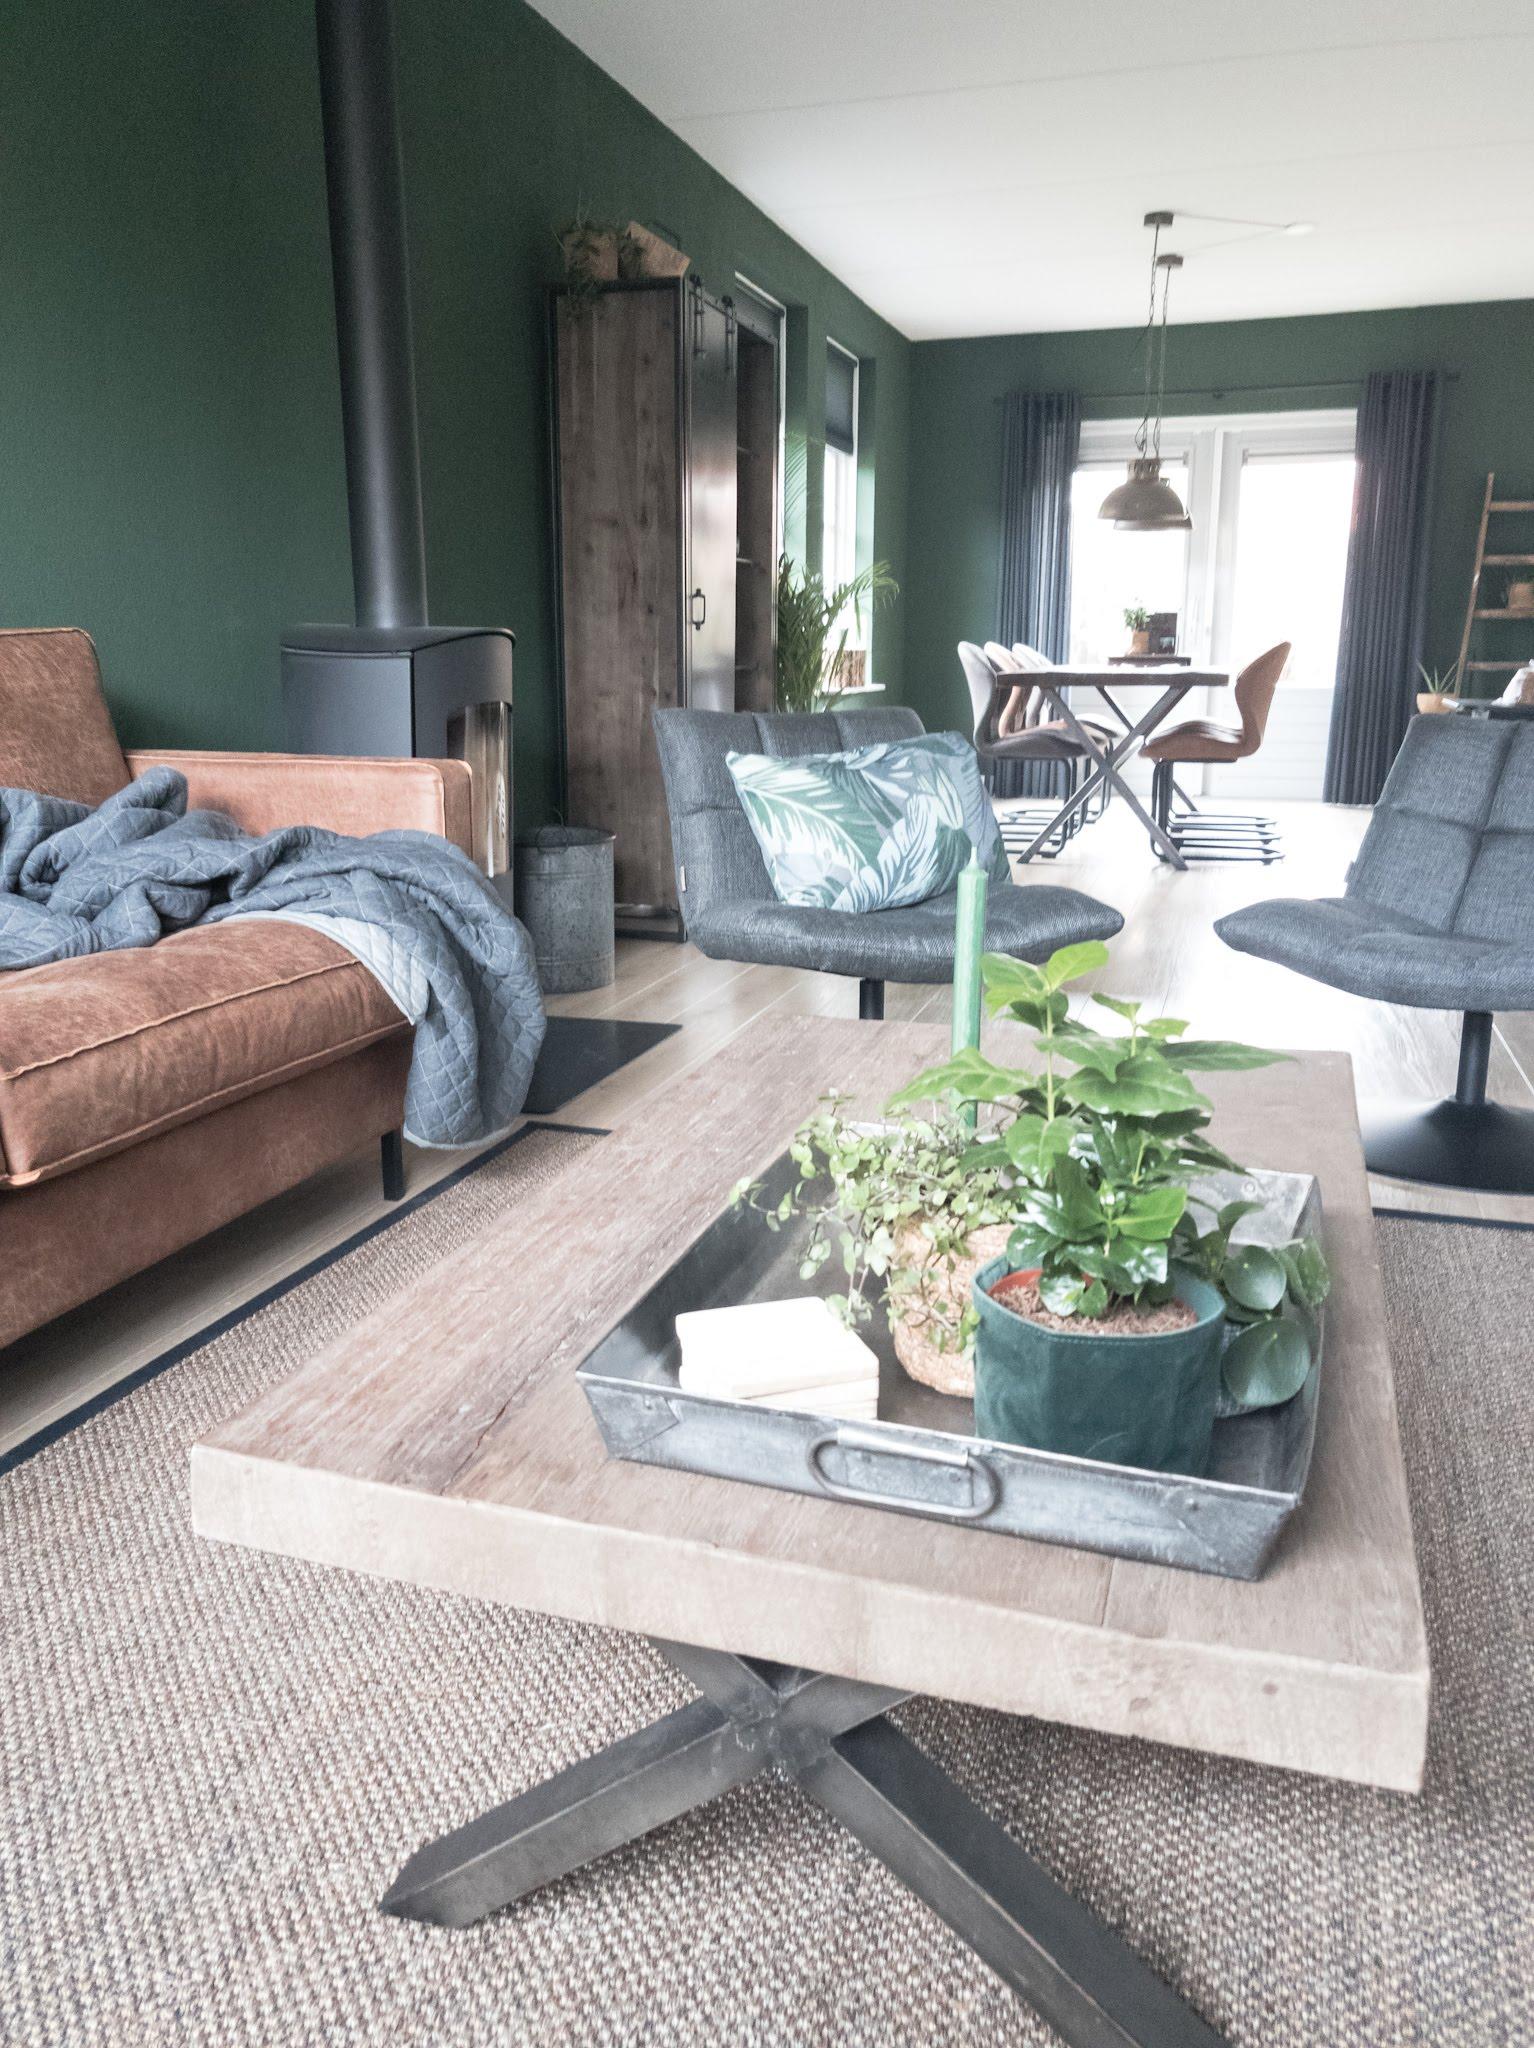 Portfolio interieur foto's woonkamer eethoek groen cognac stoer (7)